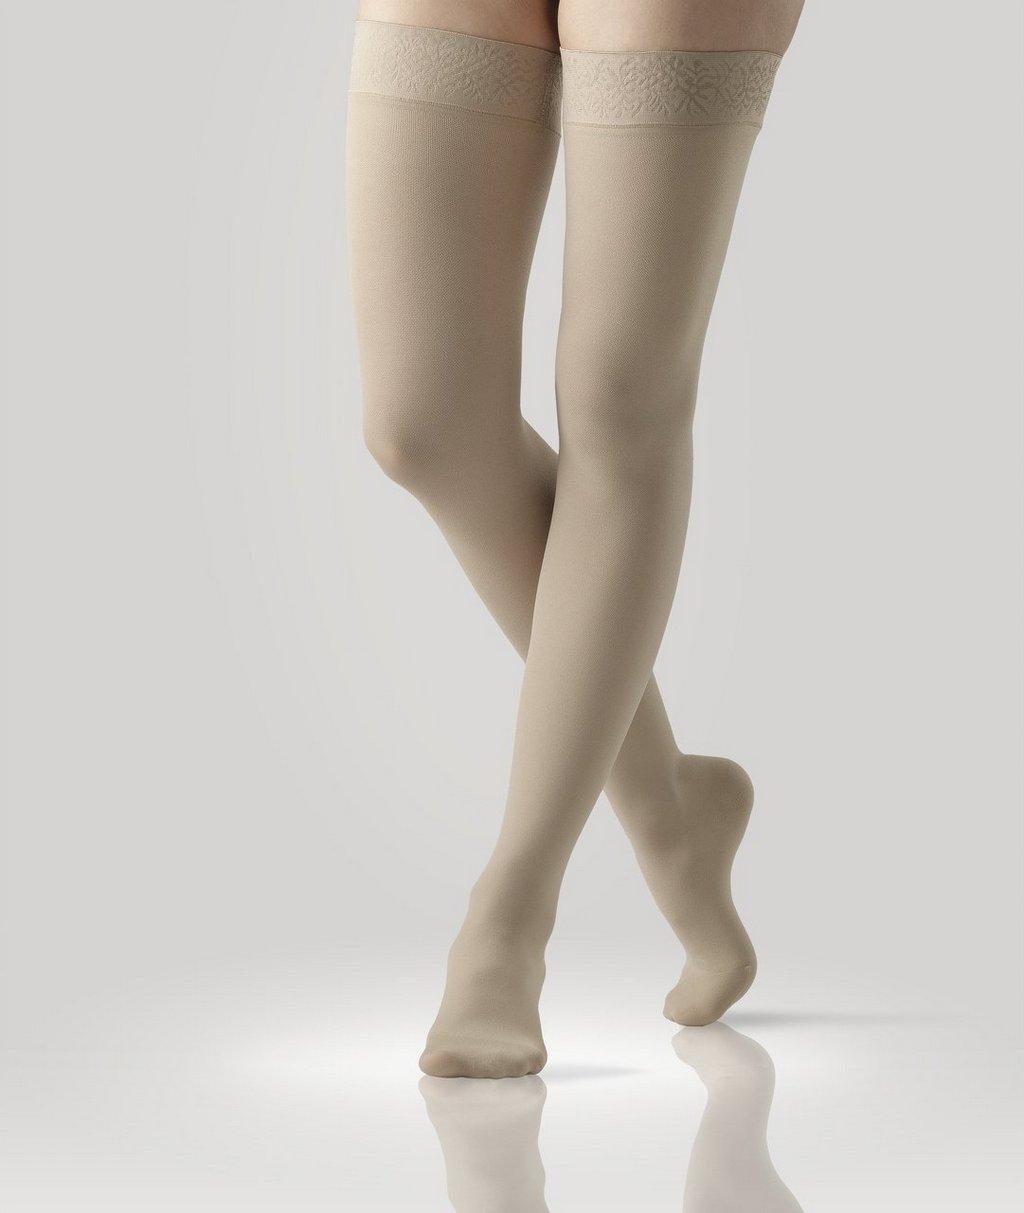 Что надо делать чтобы не было варикоза на ногах